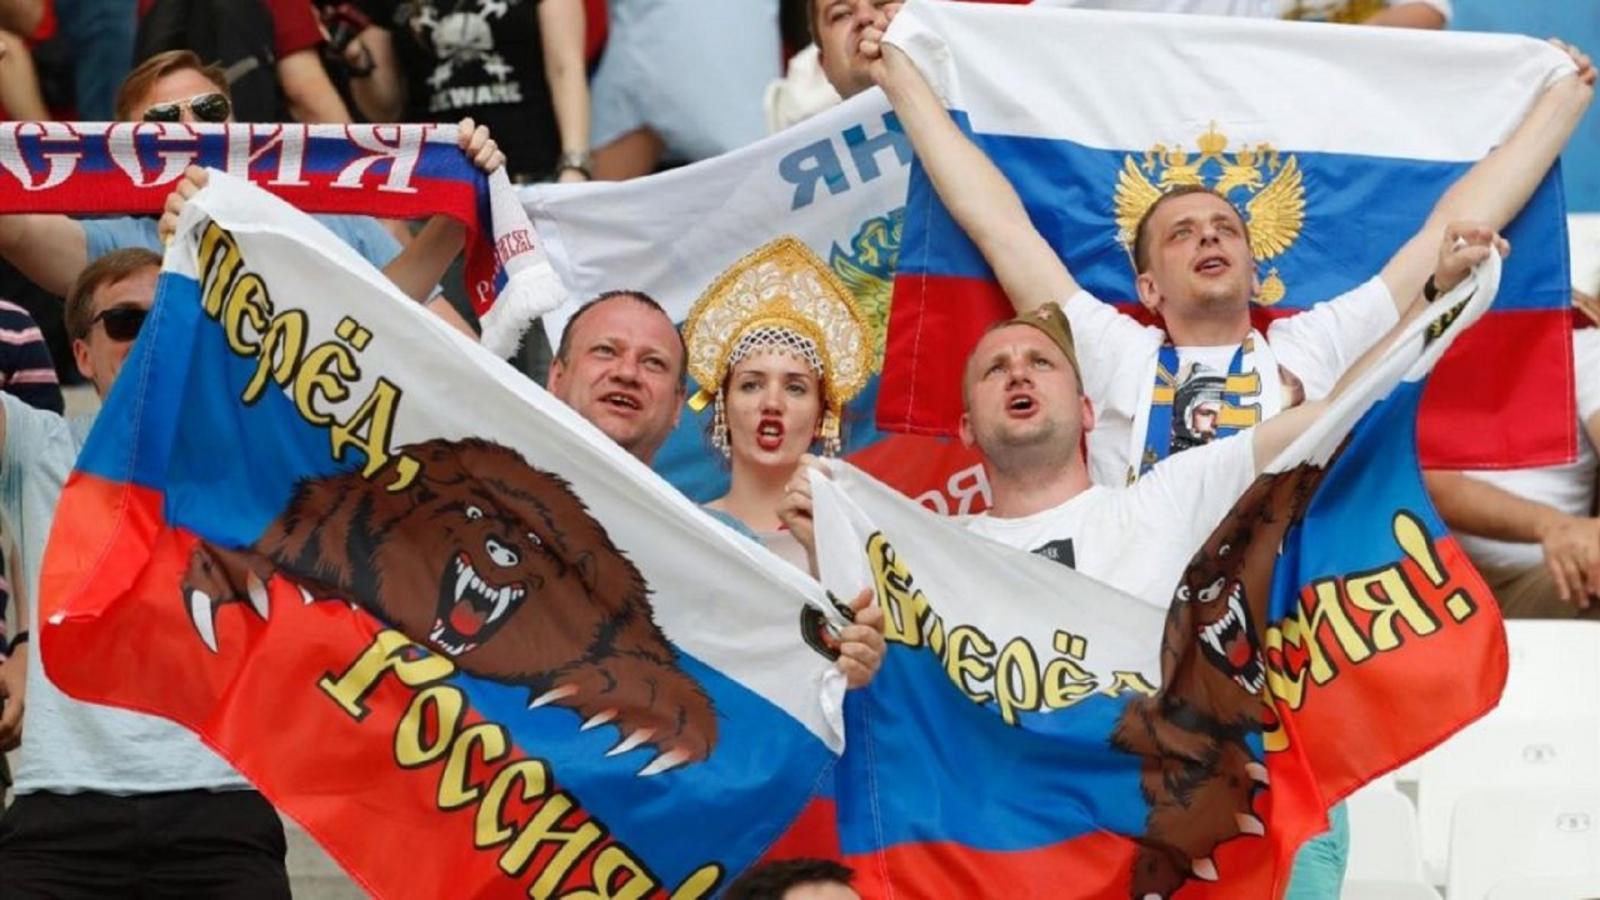 Мундиаль шагает постране: матчи посетили 2,2 млн зрителей